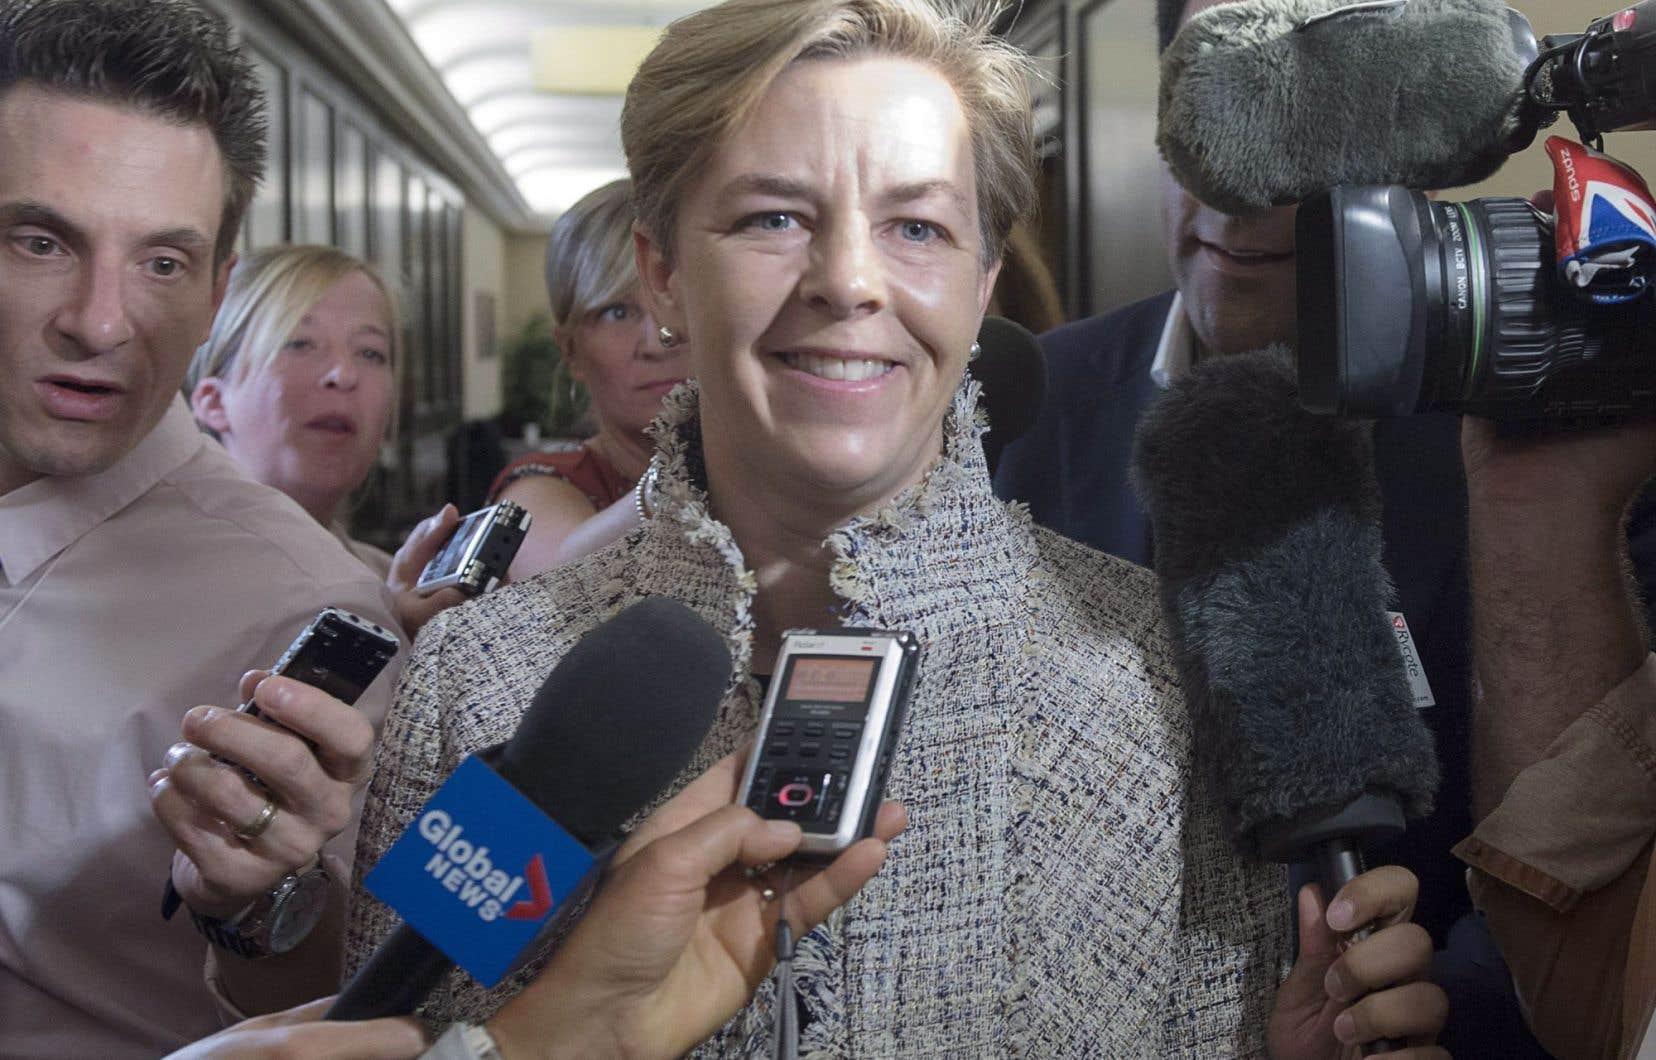 La députée ontarienne Kellie Leitch était relativement peu connue dans la course à la chefferie du Parti conservateur du Canda. Or, il n'est question que d'elle depuis presque trois semaines.